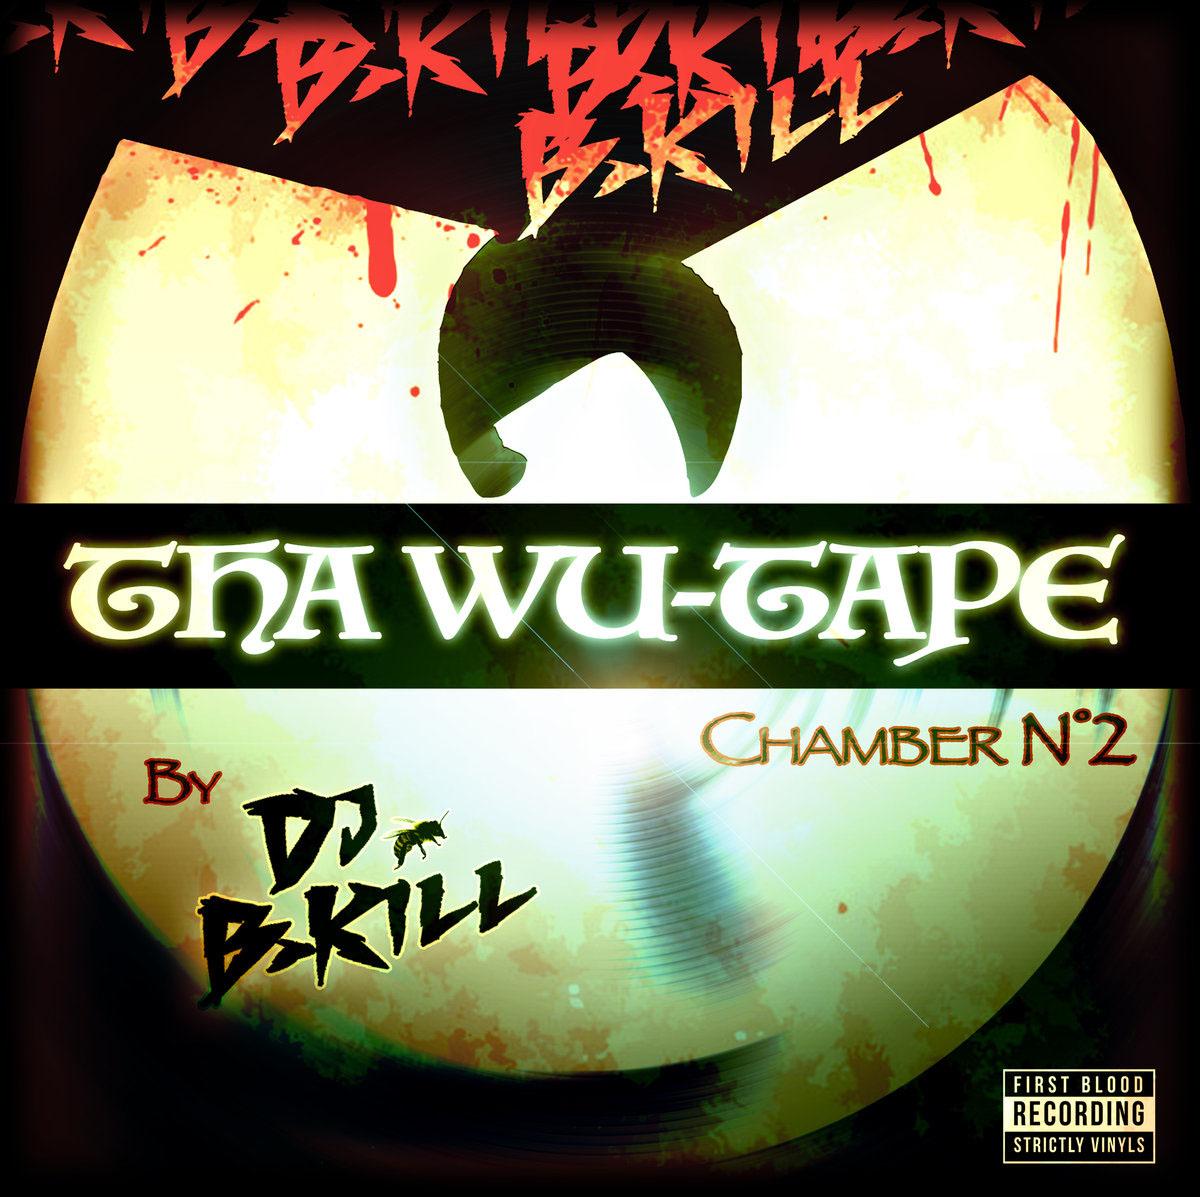 Dj-B-Kill-Wu-Tape-2